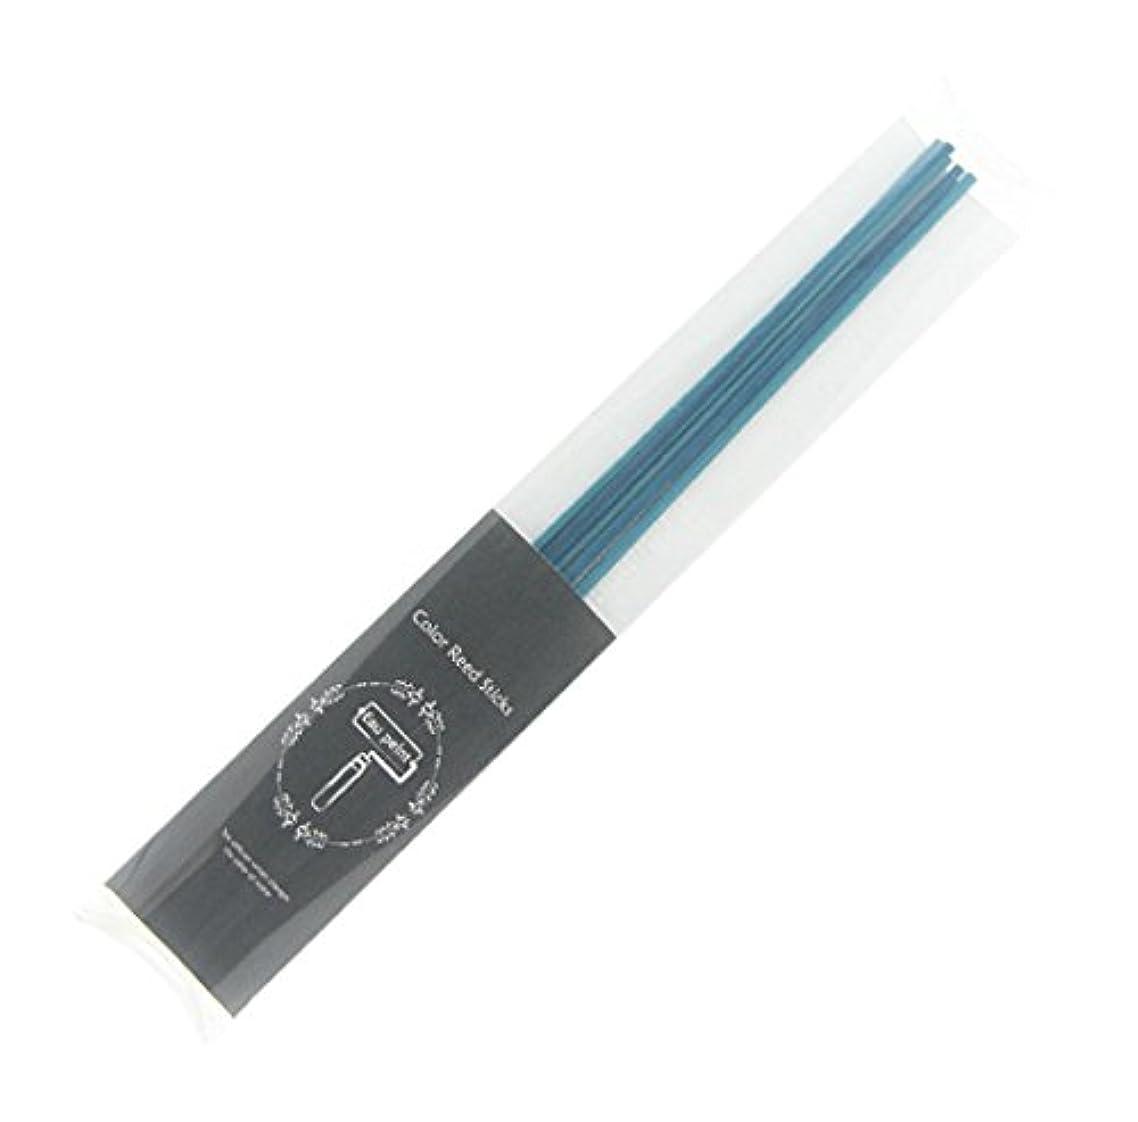 スイ主婦劇場Eau peint mais+ カラースティック リードディフューザー用スティック 5本入 ブルー Blue オーペイント マイス